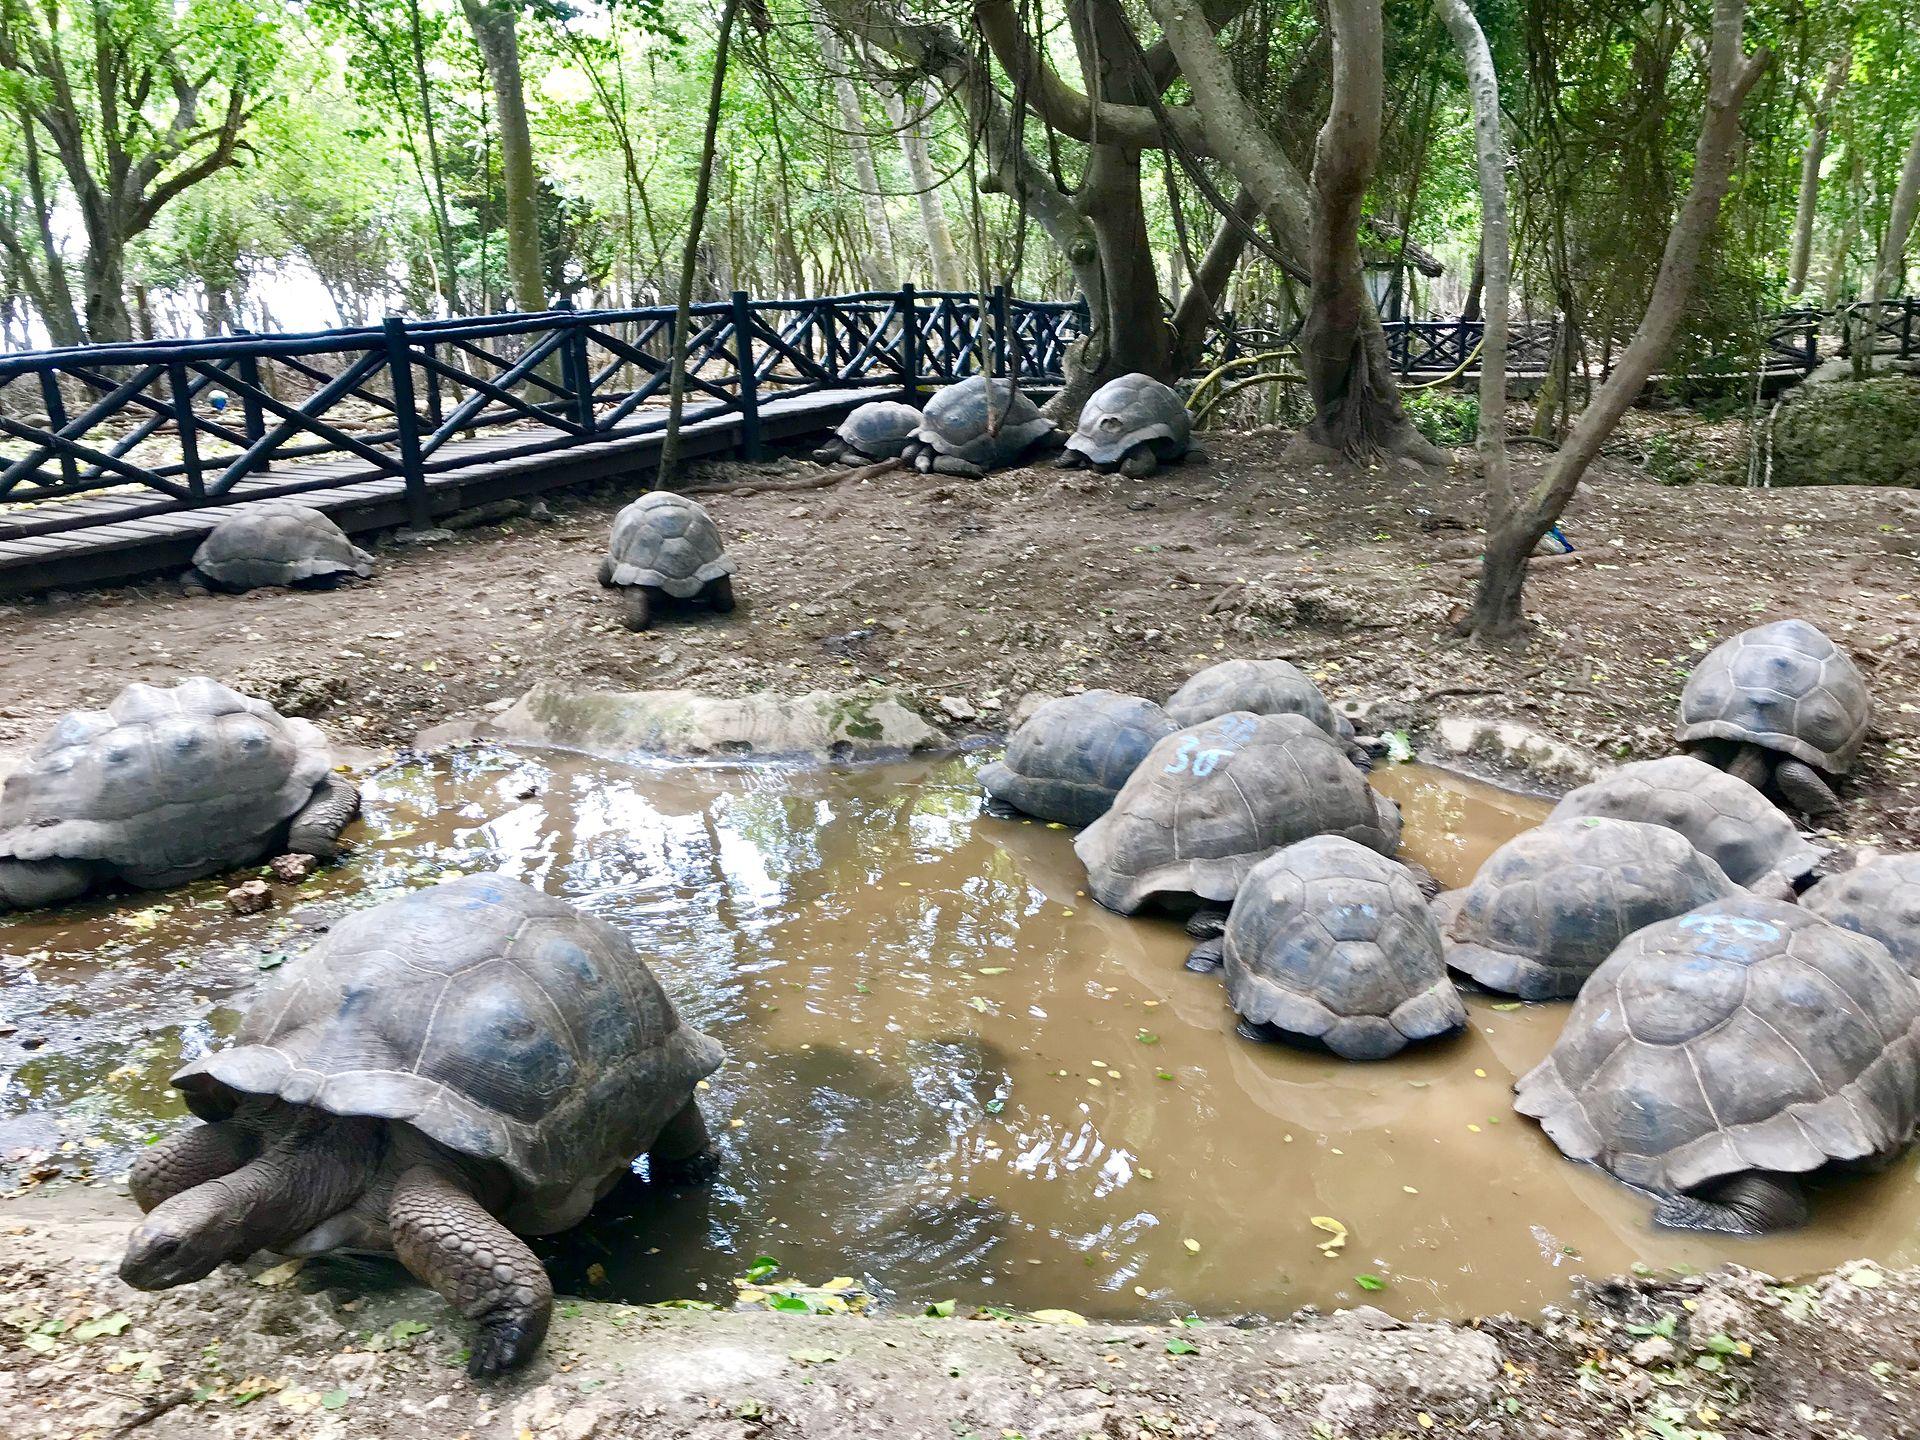 Spotkanie z żółwiami na Zanzibarze